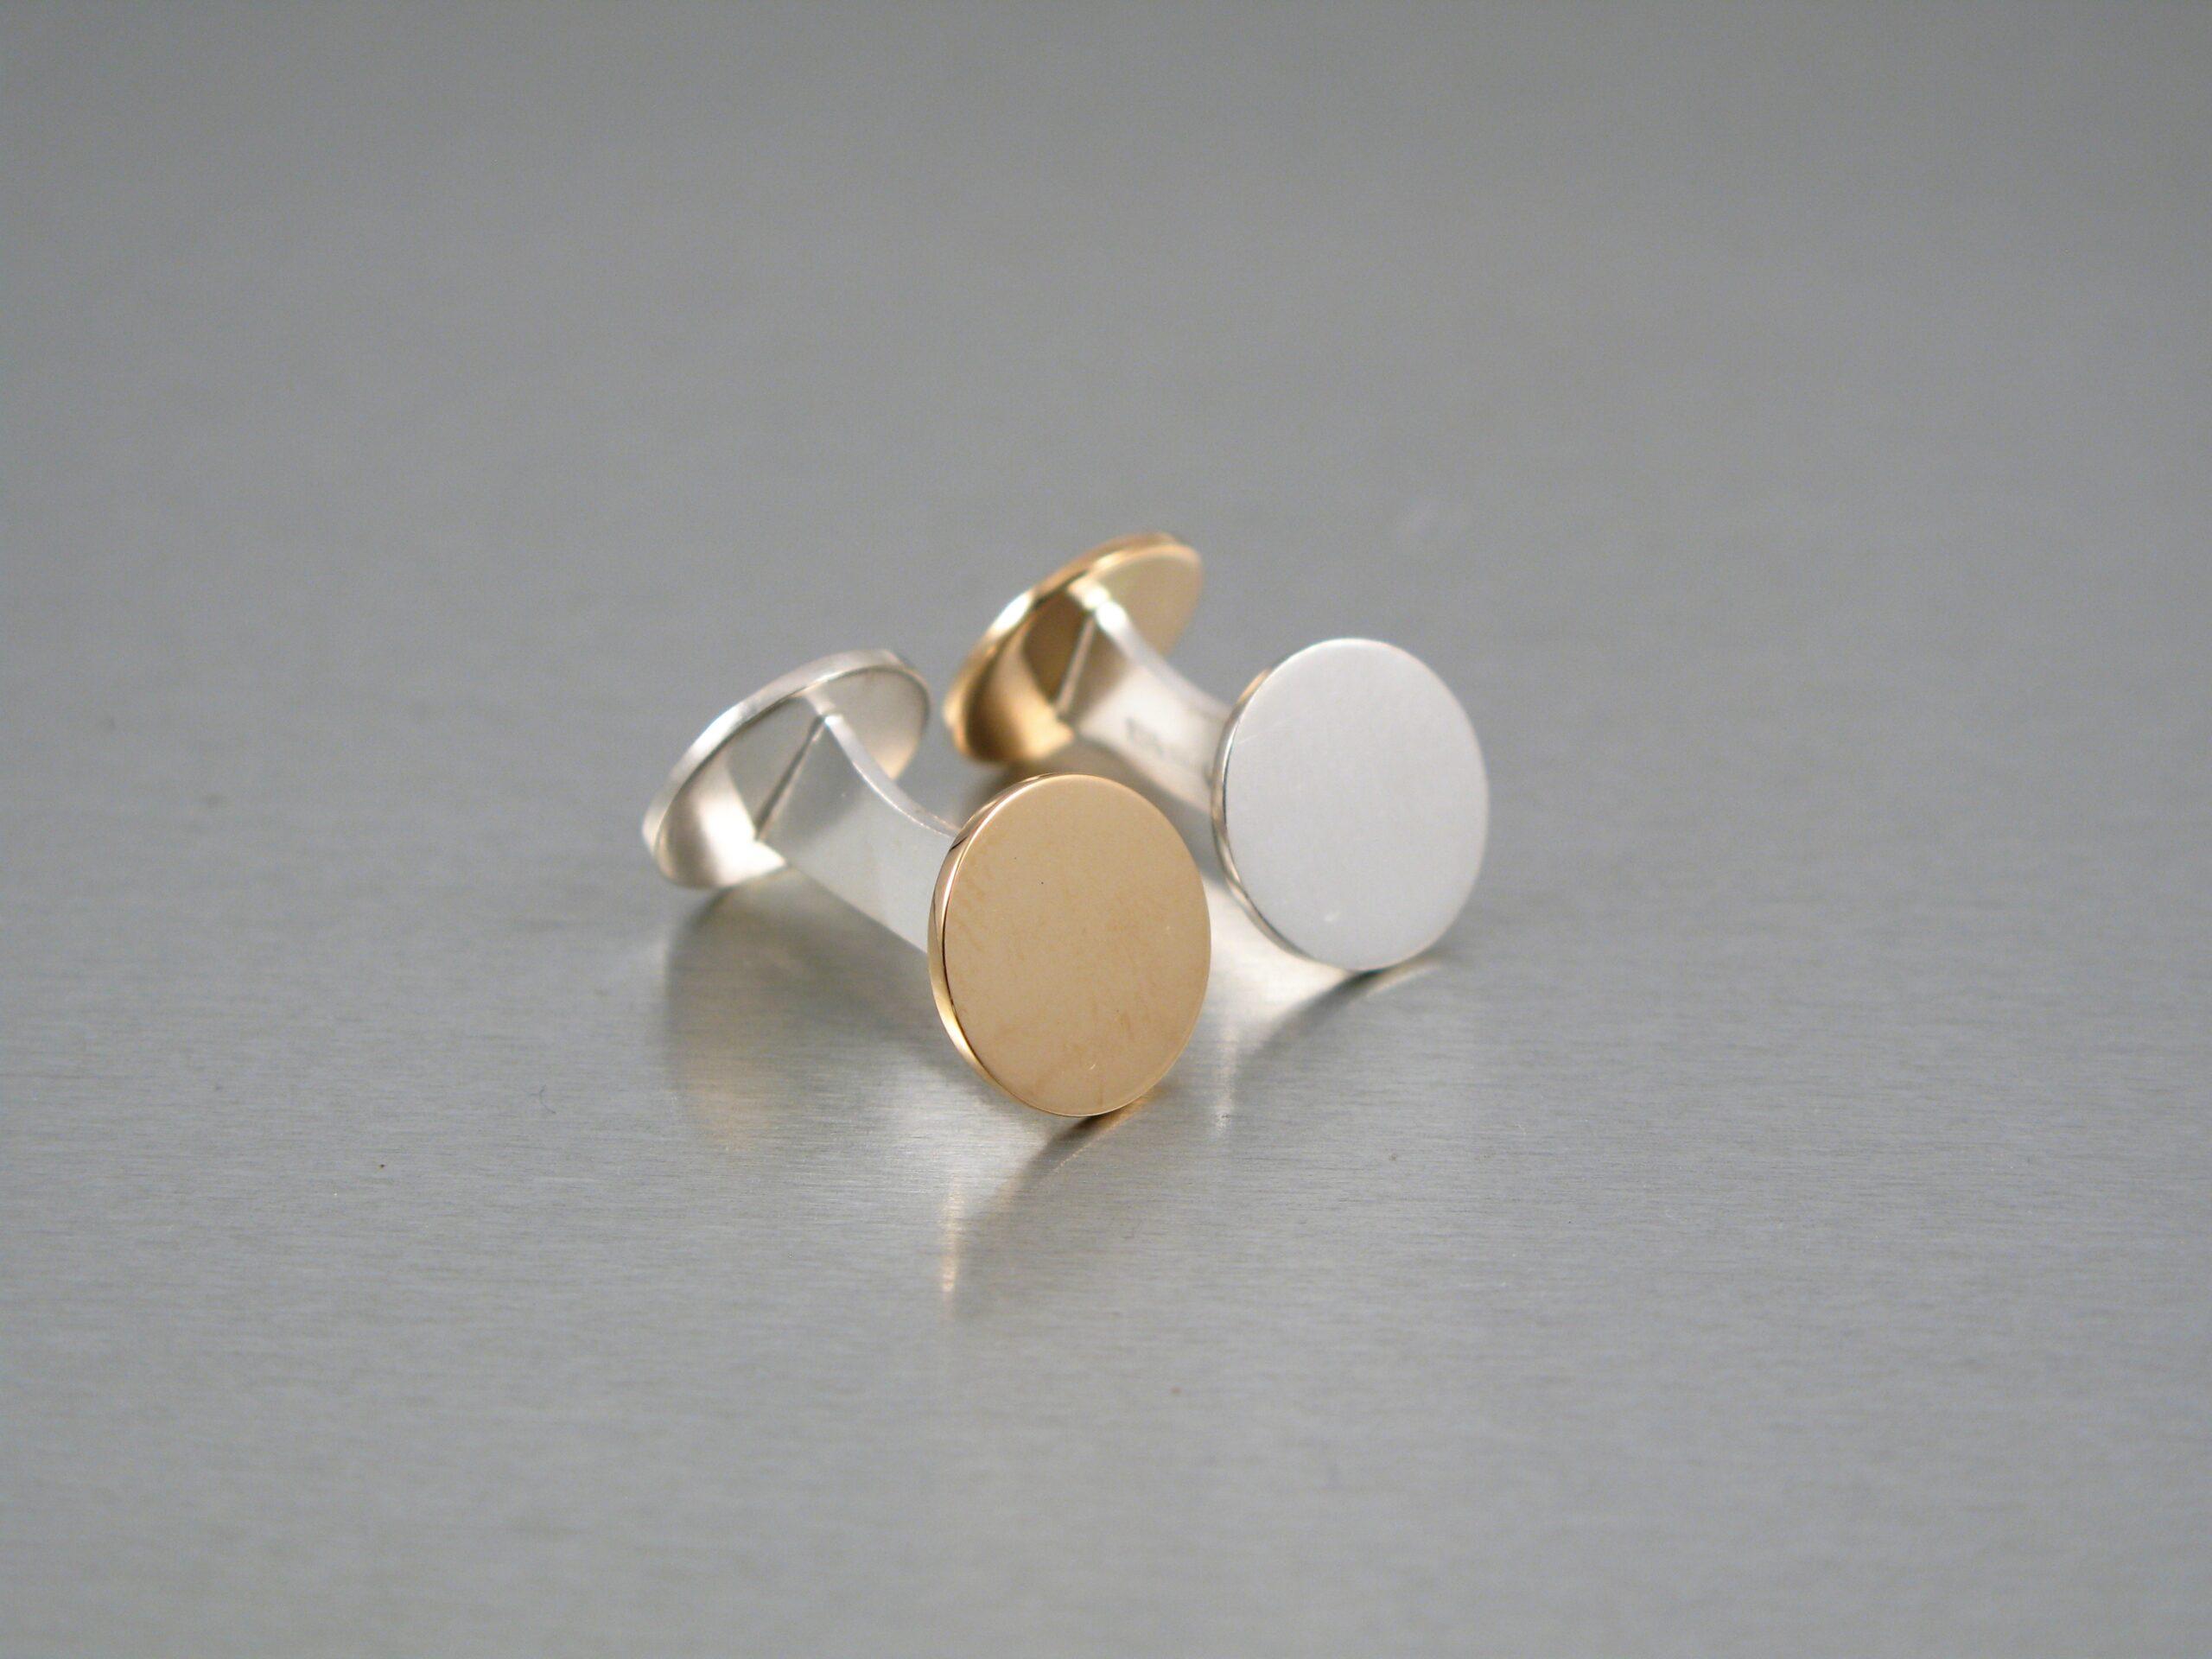 Manschettknappar, silver och guld.